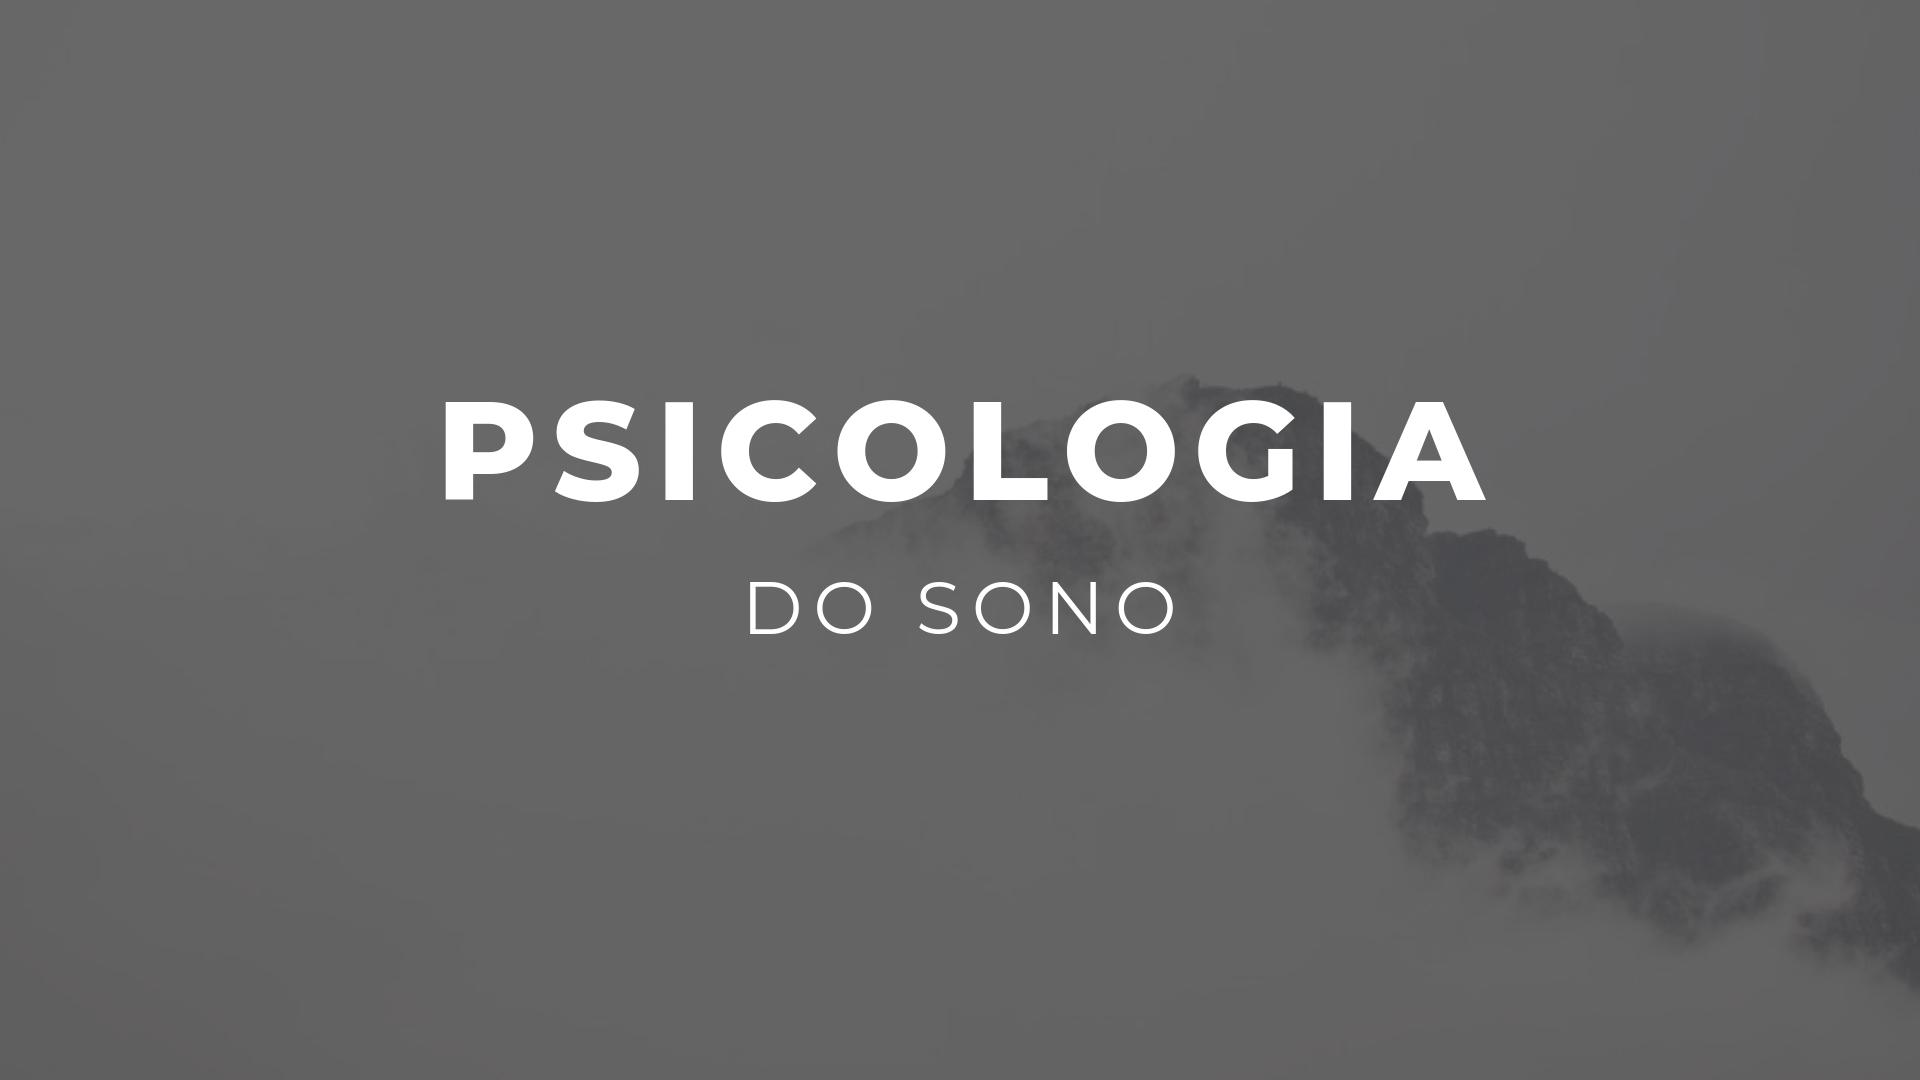 Sobre a psicologia do sono